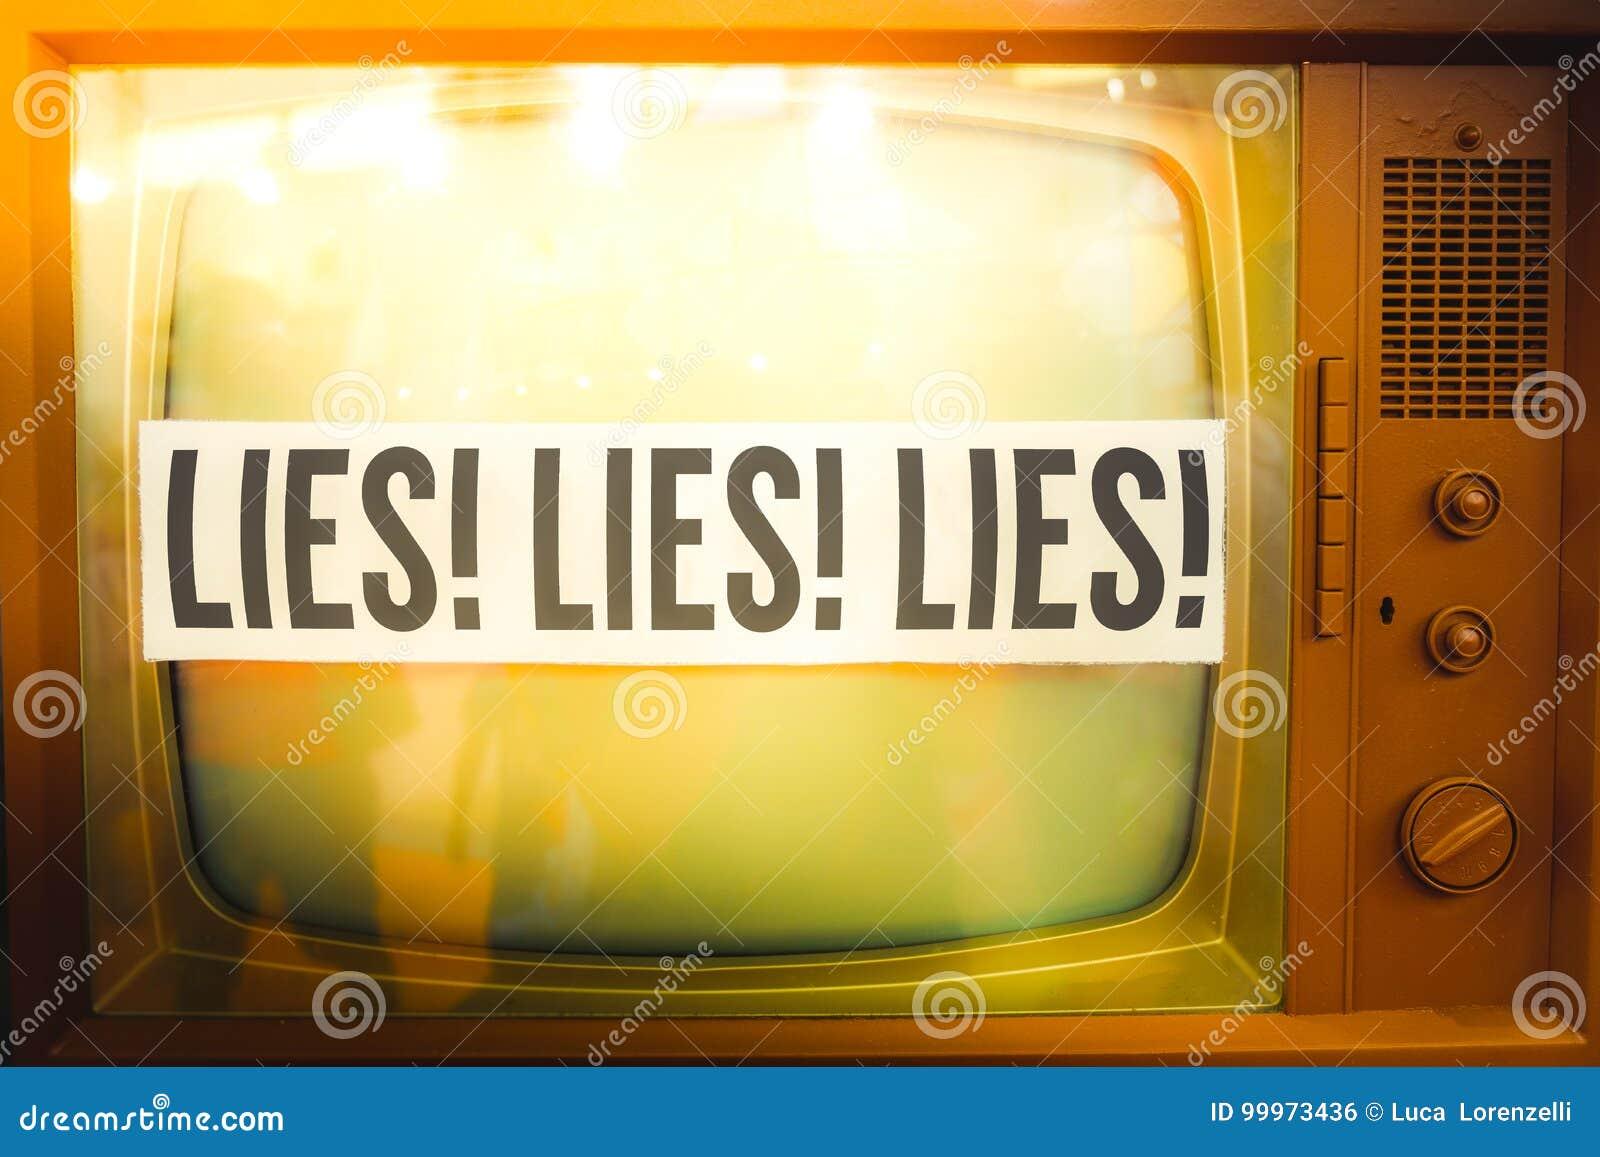 Kłamstwa tv propagandowego główny nurt medialnego dezinformacja etykietki stary telewizyjny rocznik